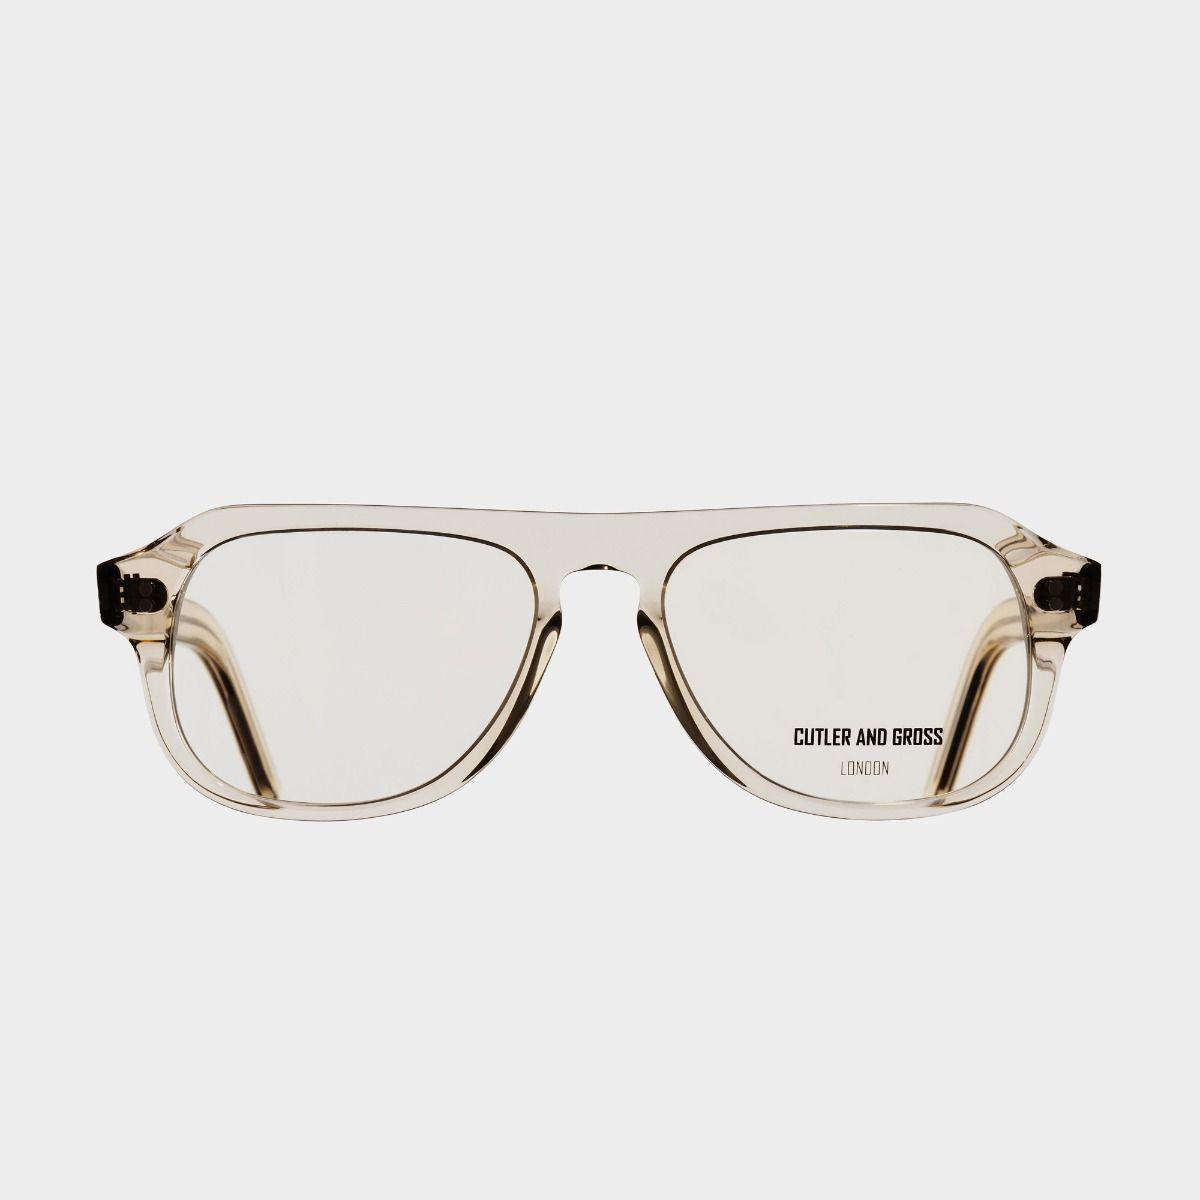 0822V3 Optical Aviator Glasses (Large)-Granny Chic